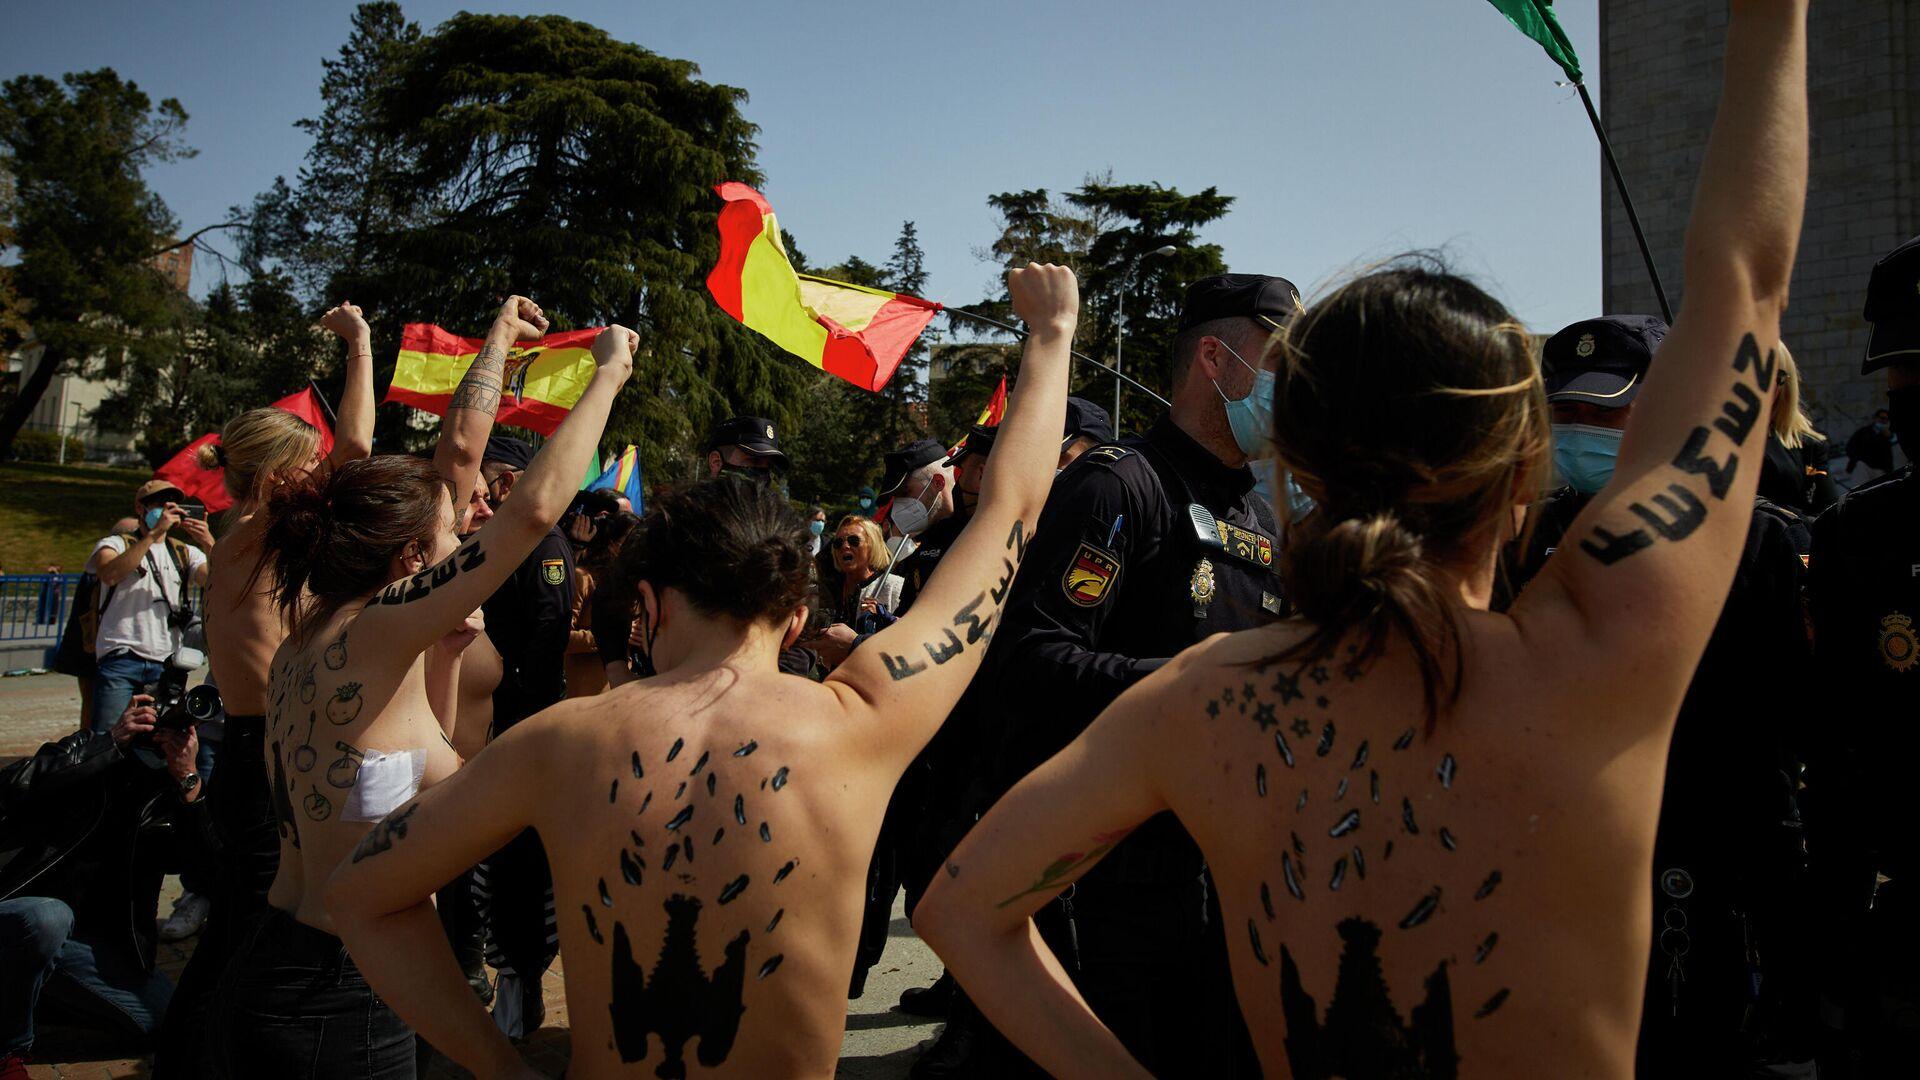 Activistas de FEMEN durante la irrupción en un acto del franquismo - Sputnik Mundo, 1920, 29.03.2021